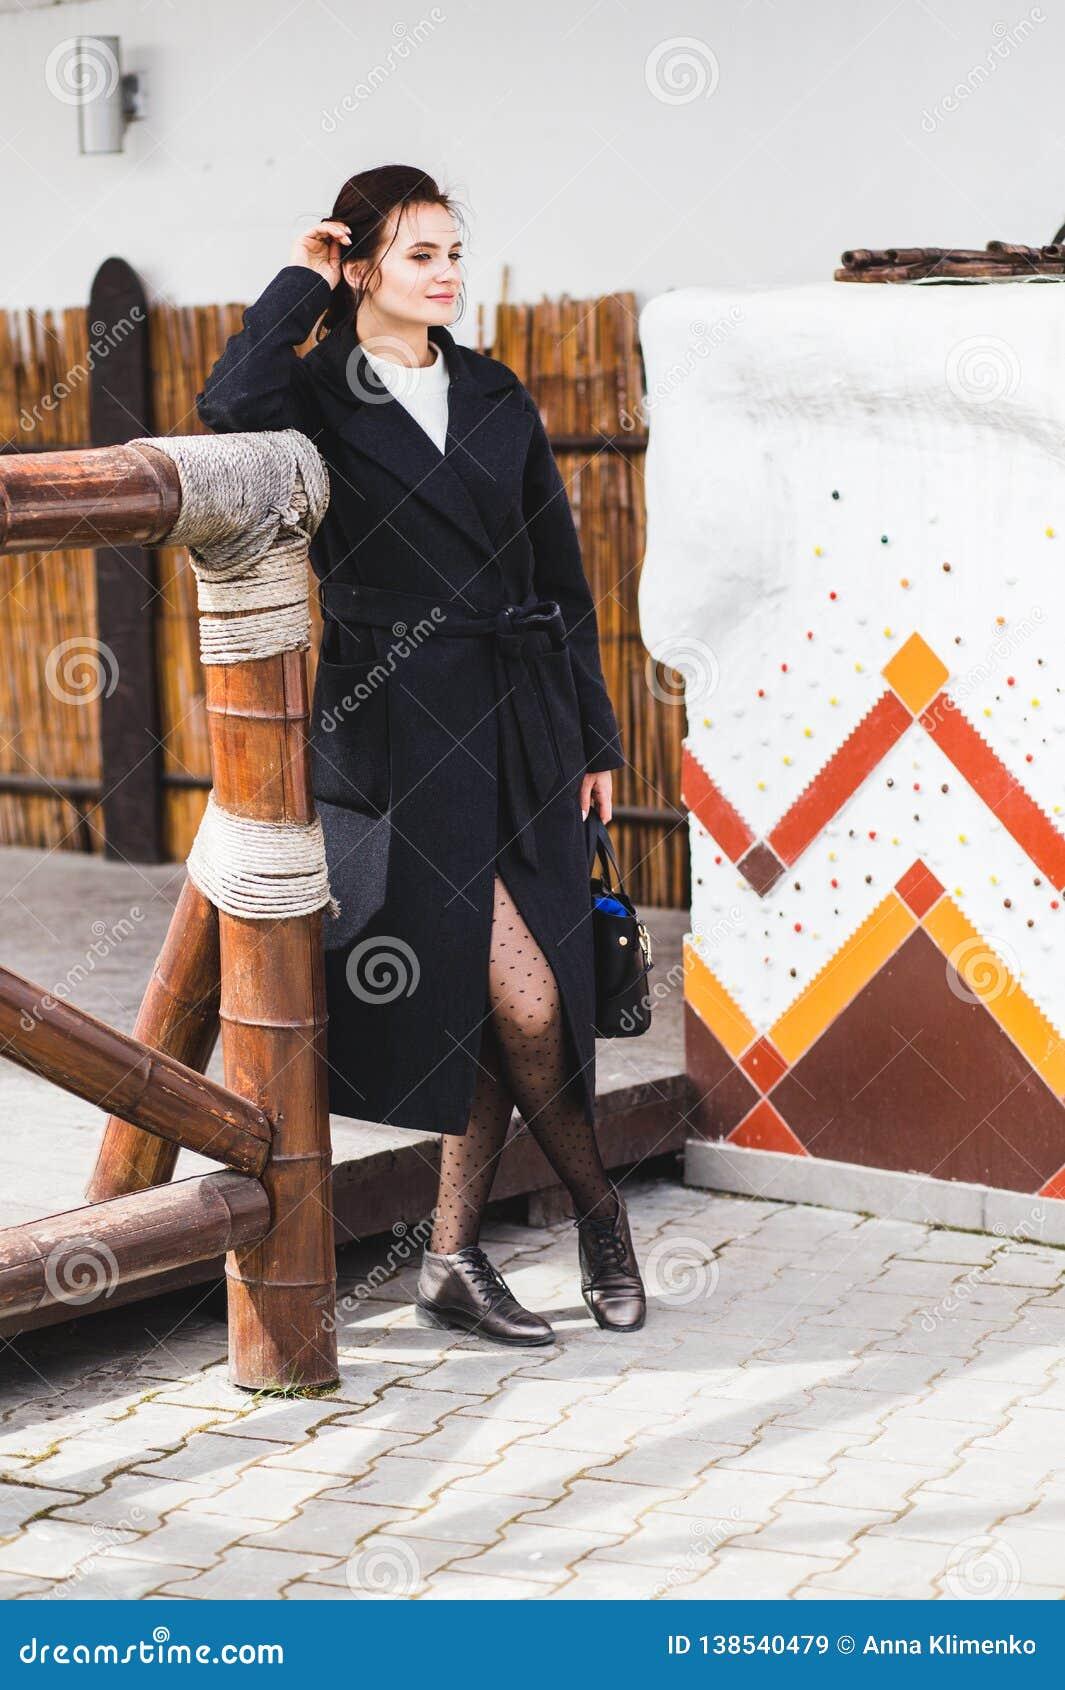 Joli modèle de femme de mode utilisant un manteau foncé et un chandail blanc posant au-dessus de l origine ethnique